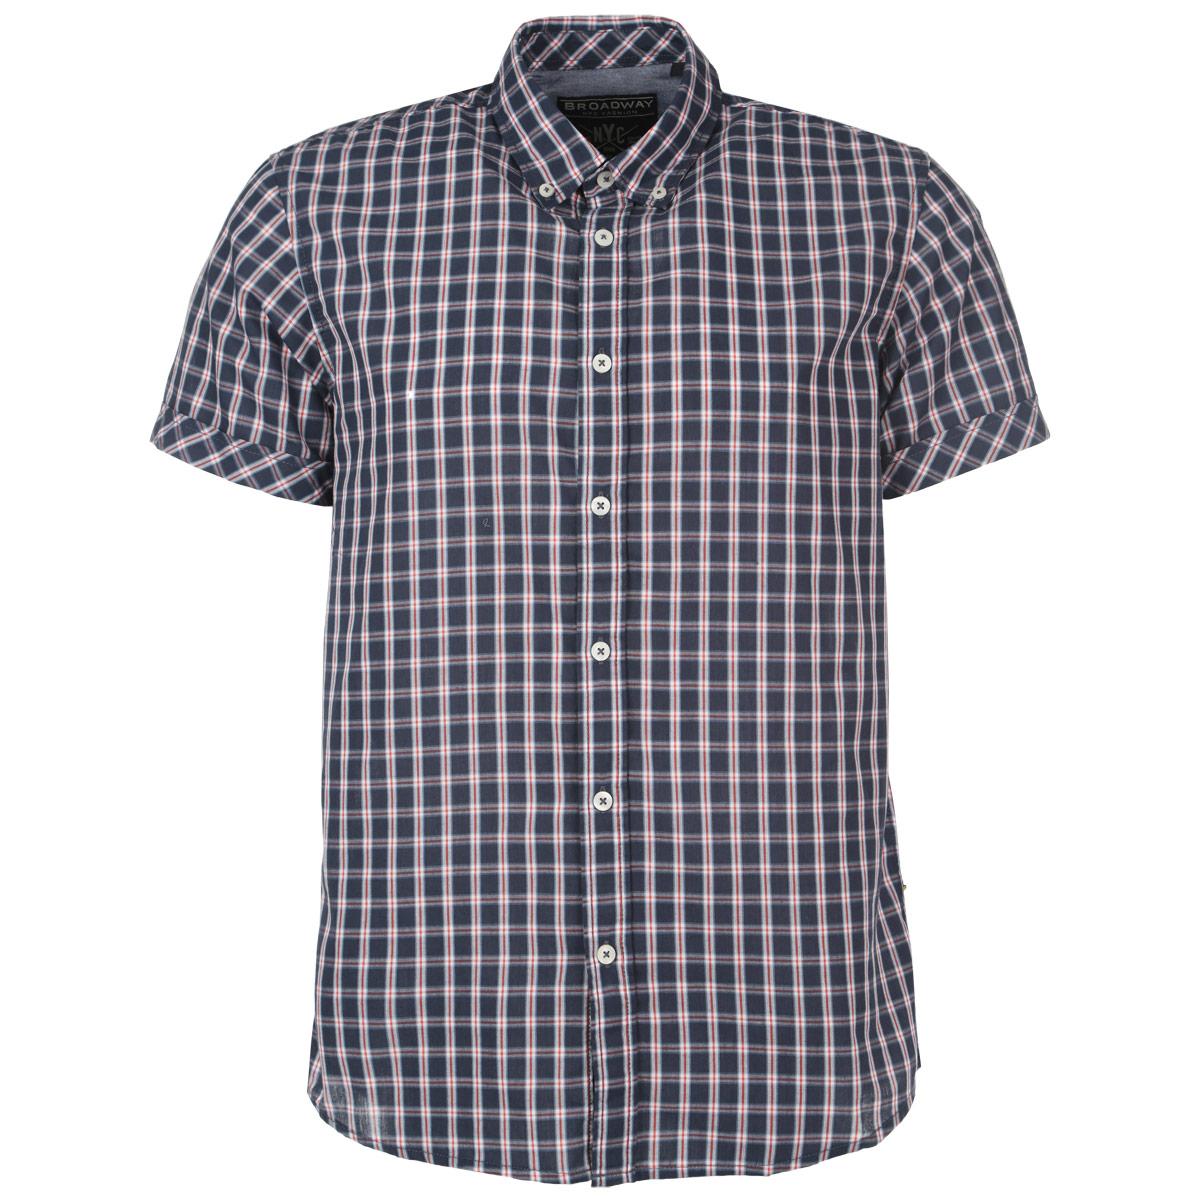 Рубашка мужская. 1015230710152307 51FСтильная мужская рубашка Broadway, изготовленная из высококачественного материала, необычайно мягкая и приятная на ощупь, не сковывает движения и позволяет коже дышать, обеспечивая наибольший комфорт. Модная рубашка прямого кроя с короткими рукавами, отложным воротником и полукруглым низом. Застегивается изделие на пуговицы. Эта рубашка идеальный вариант для повседневного гардероба. Такая модель порадует настоящих ценителей комфорта и практичности!